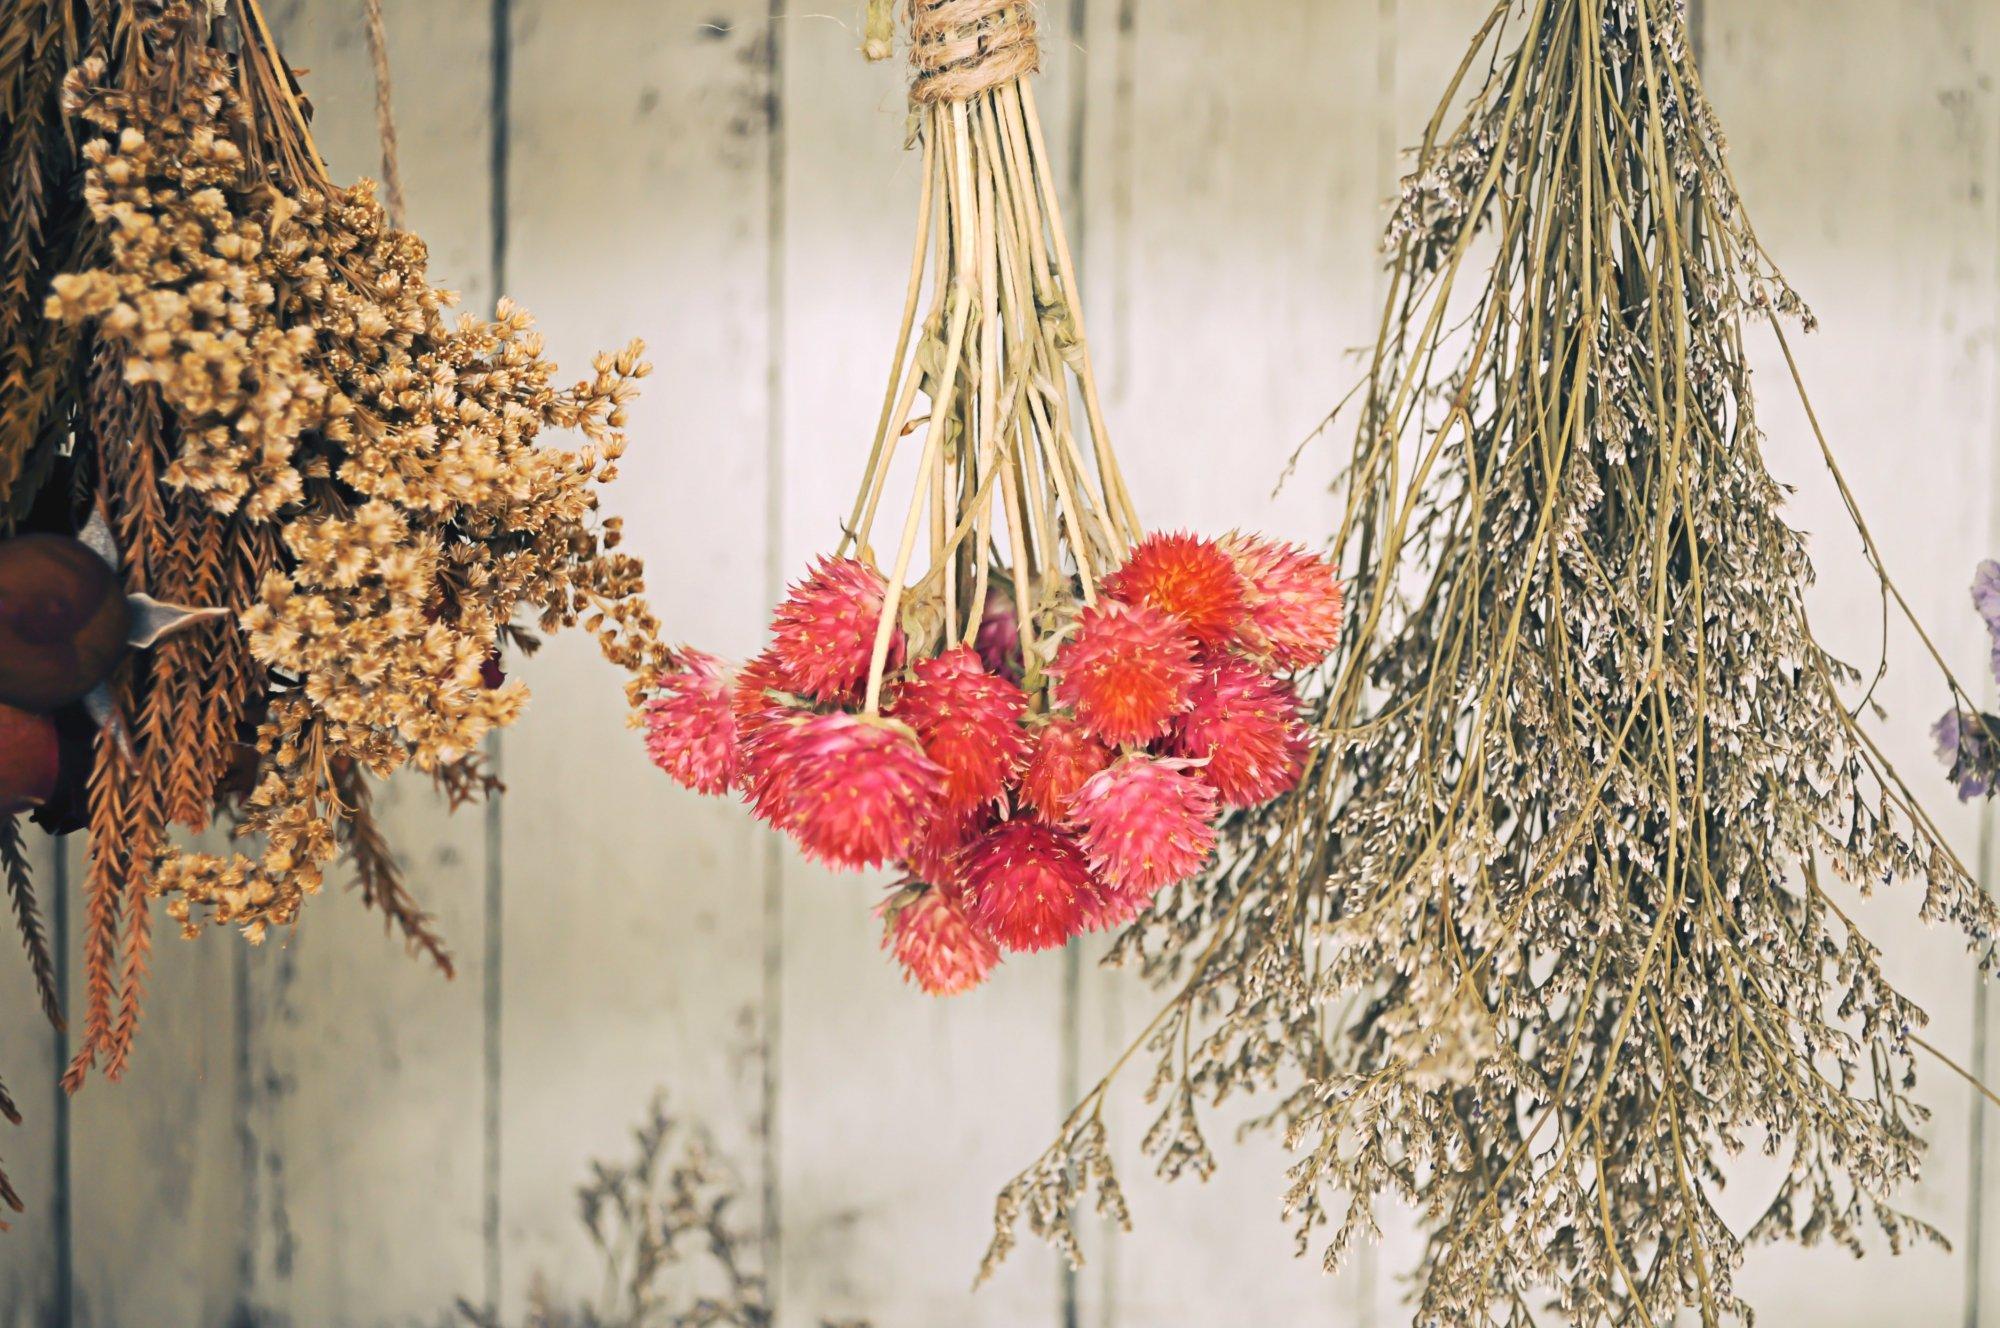 Comment Conserver Des Fleurs Séchées fleurs séchées : comment s'y prendre ?